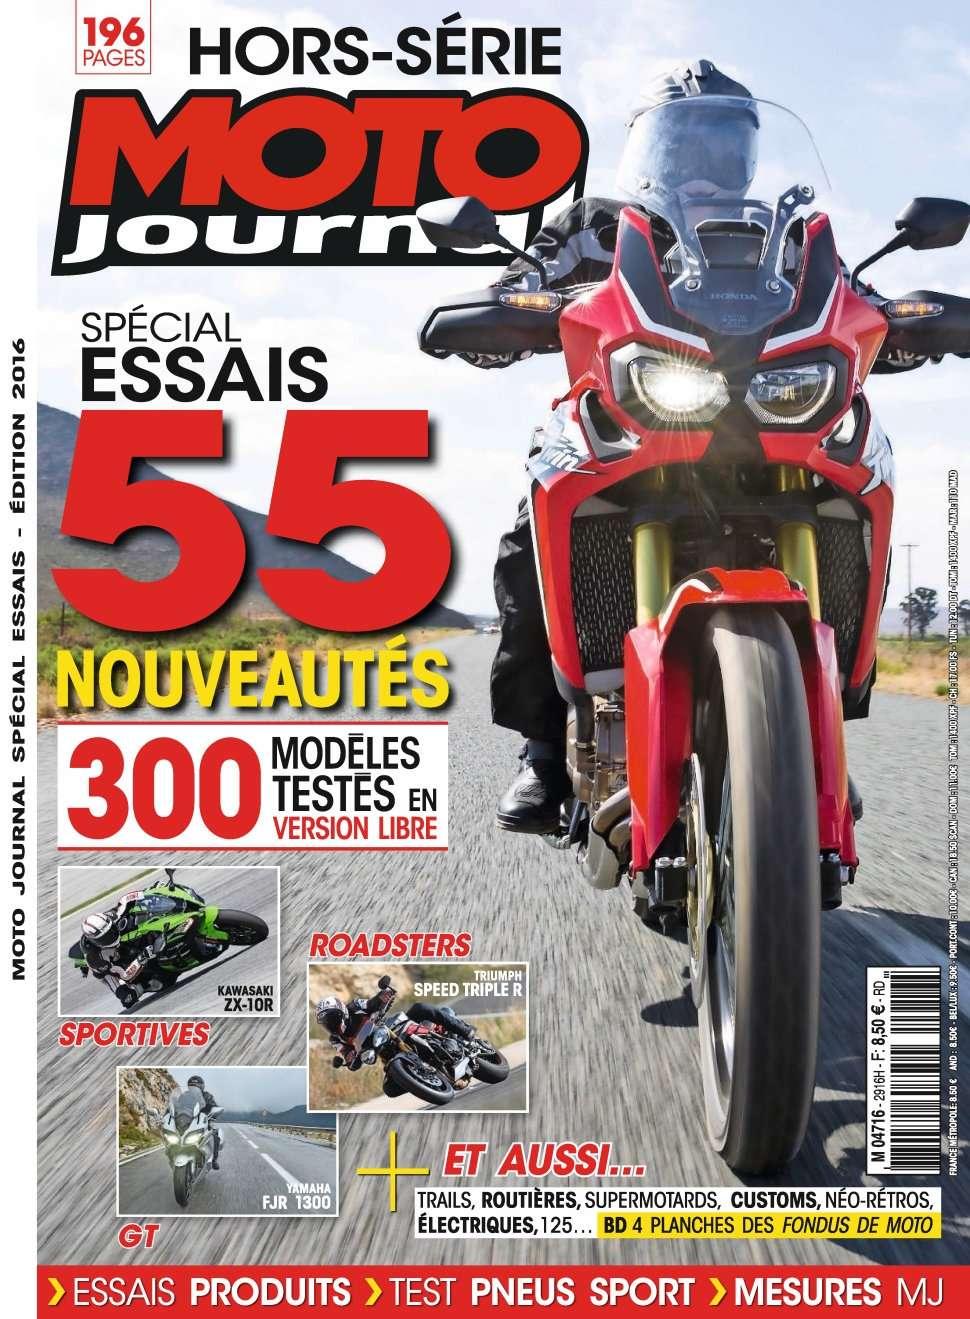 Moto Journal HS 2956 - Spécial Essais Edition 2016